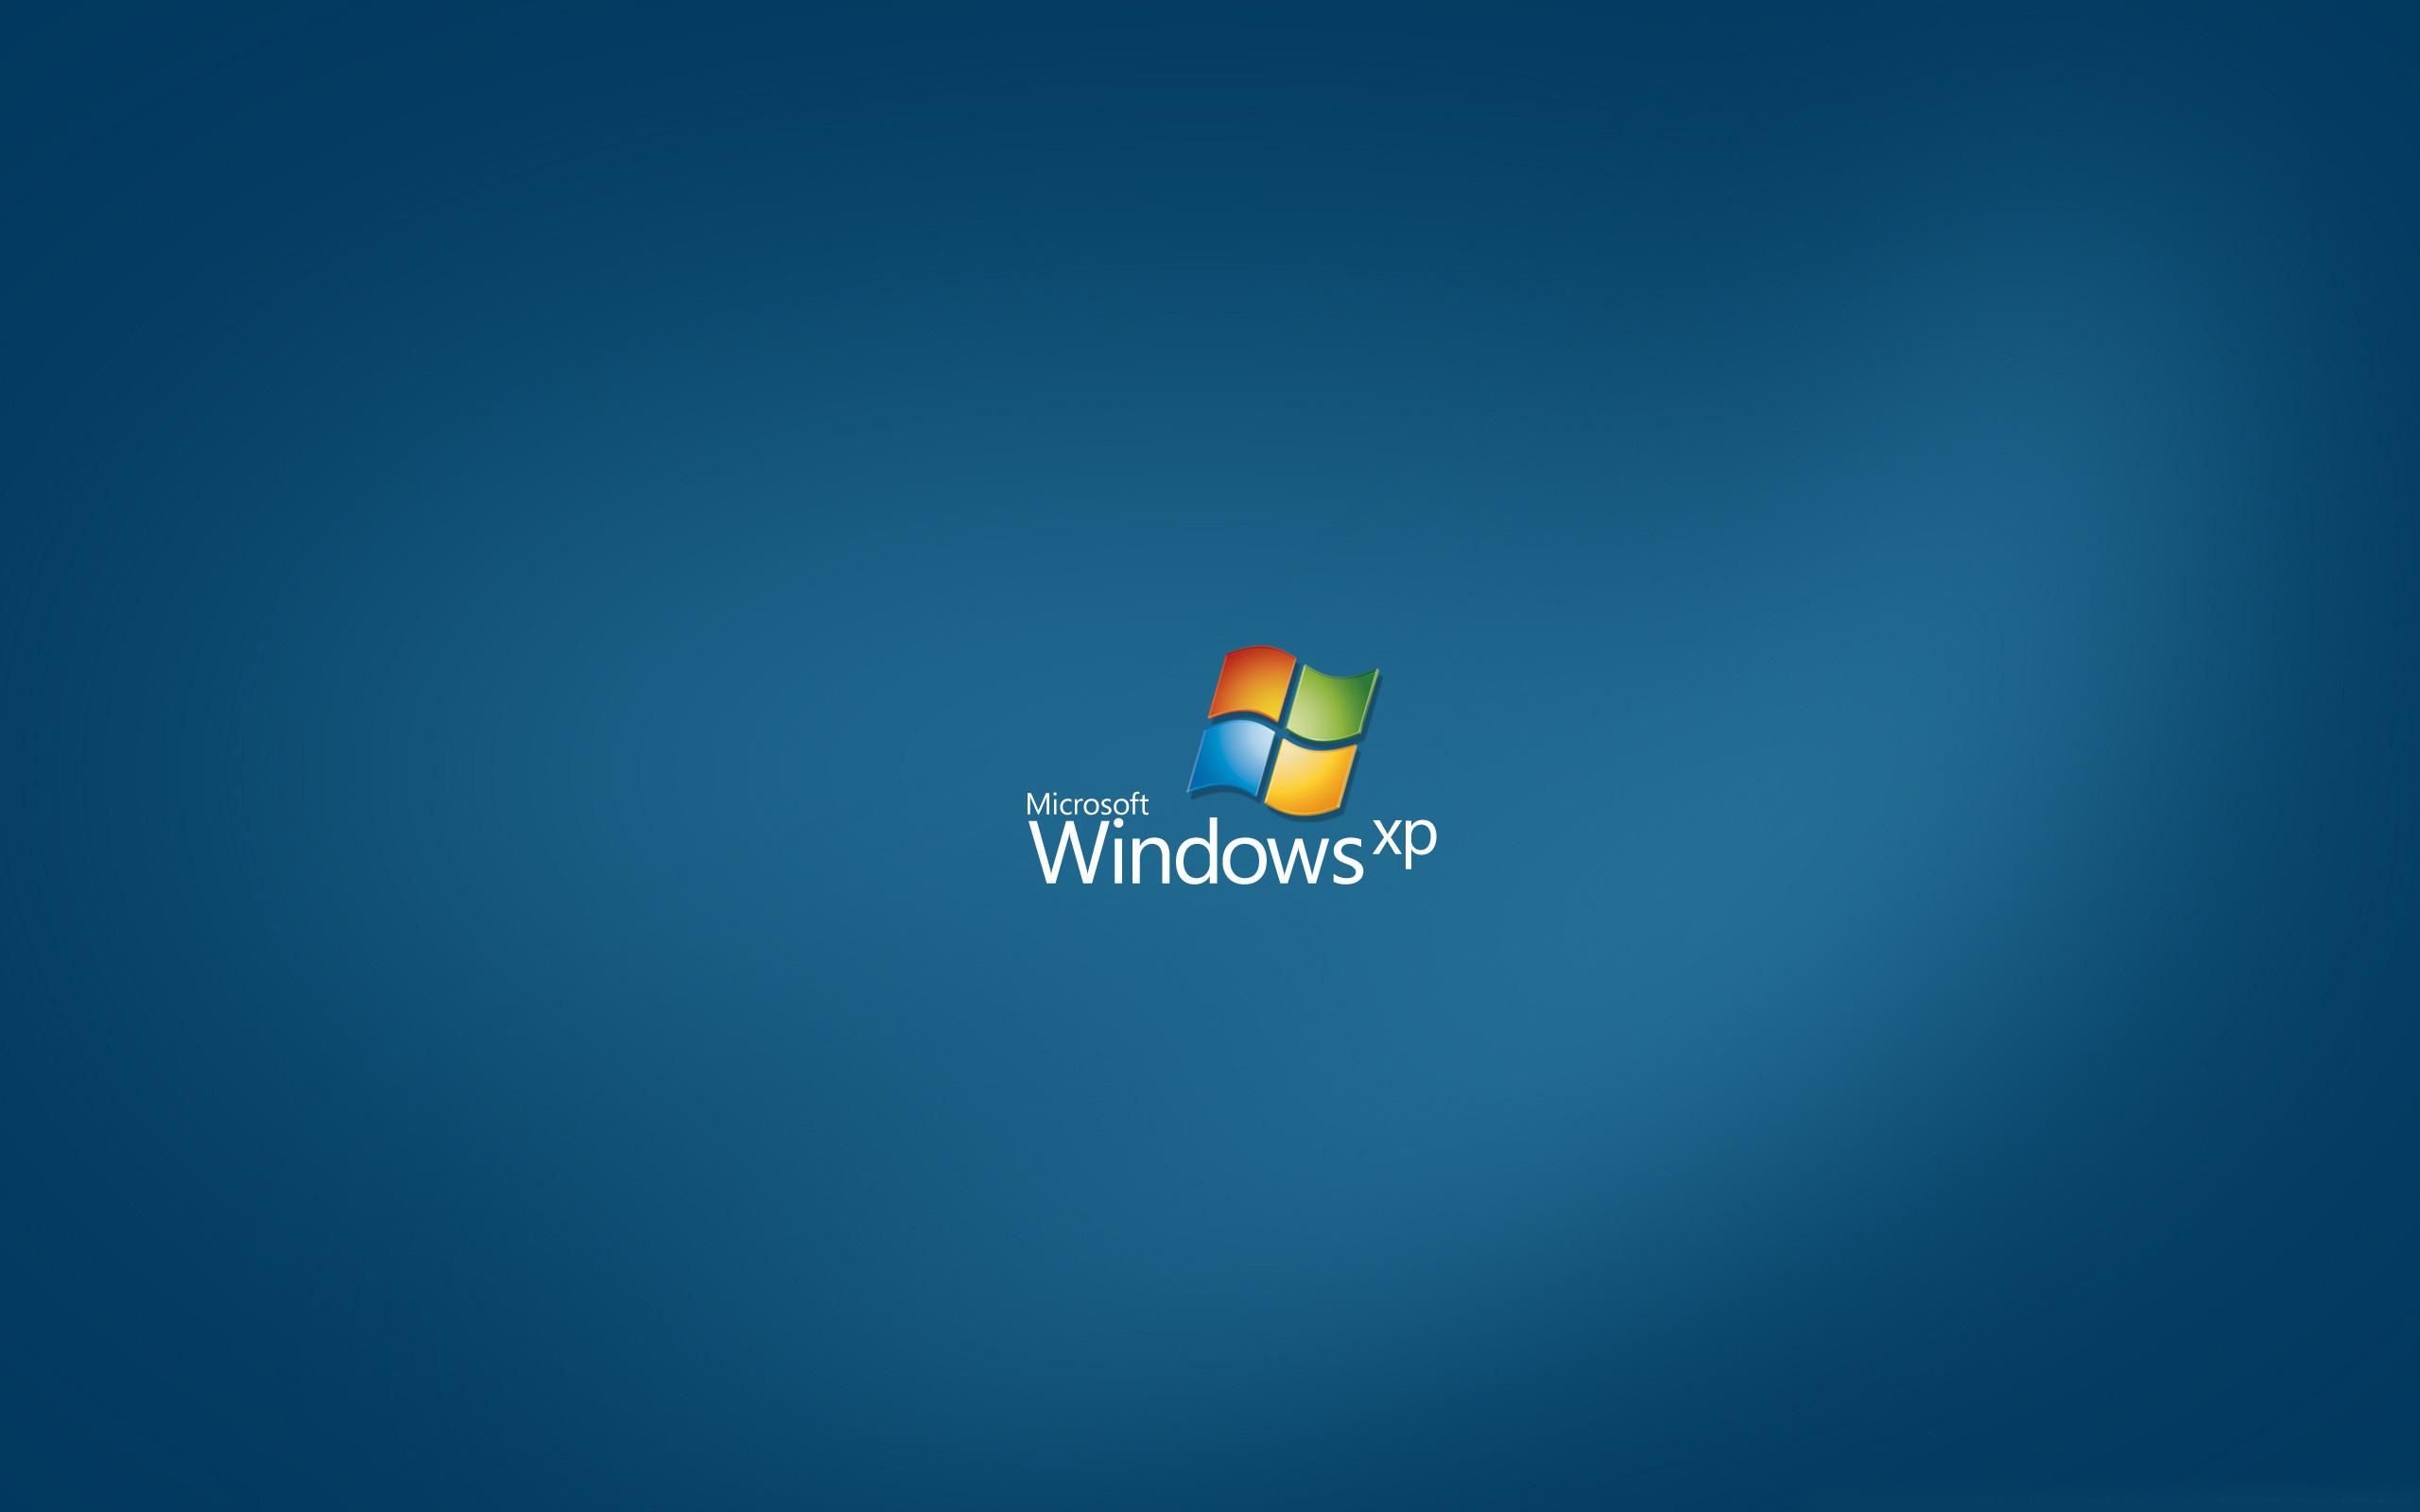 windows xp pro wallpaper (41+ images)